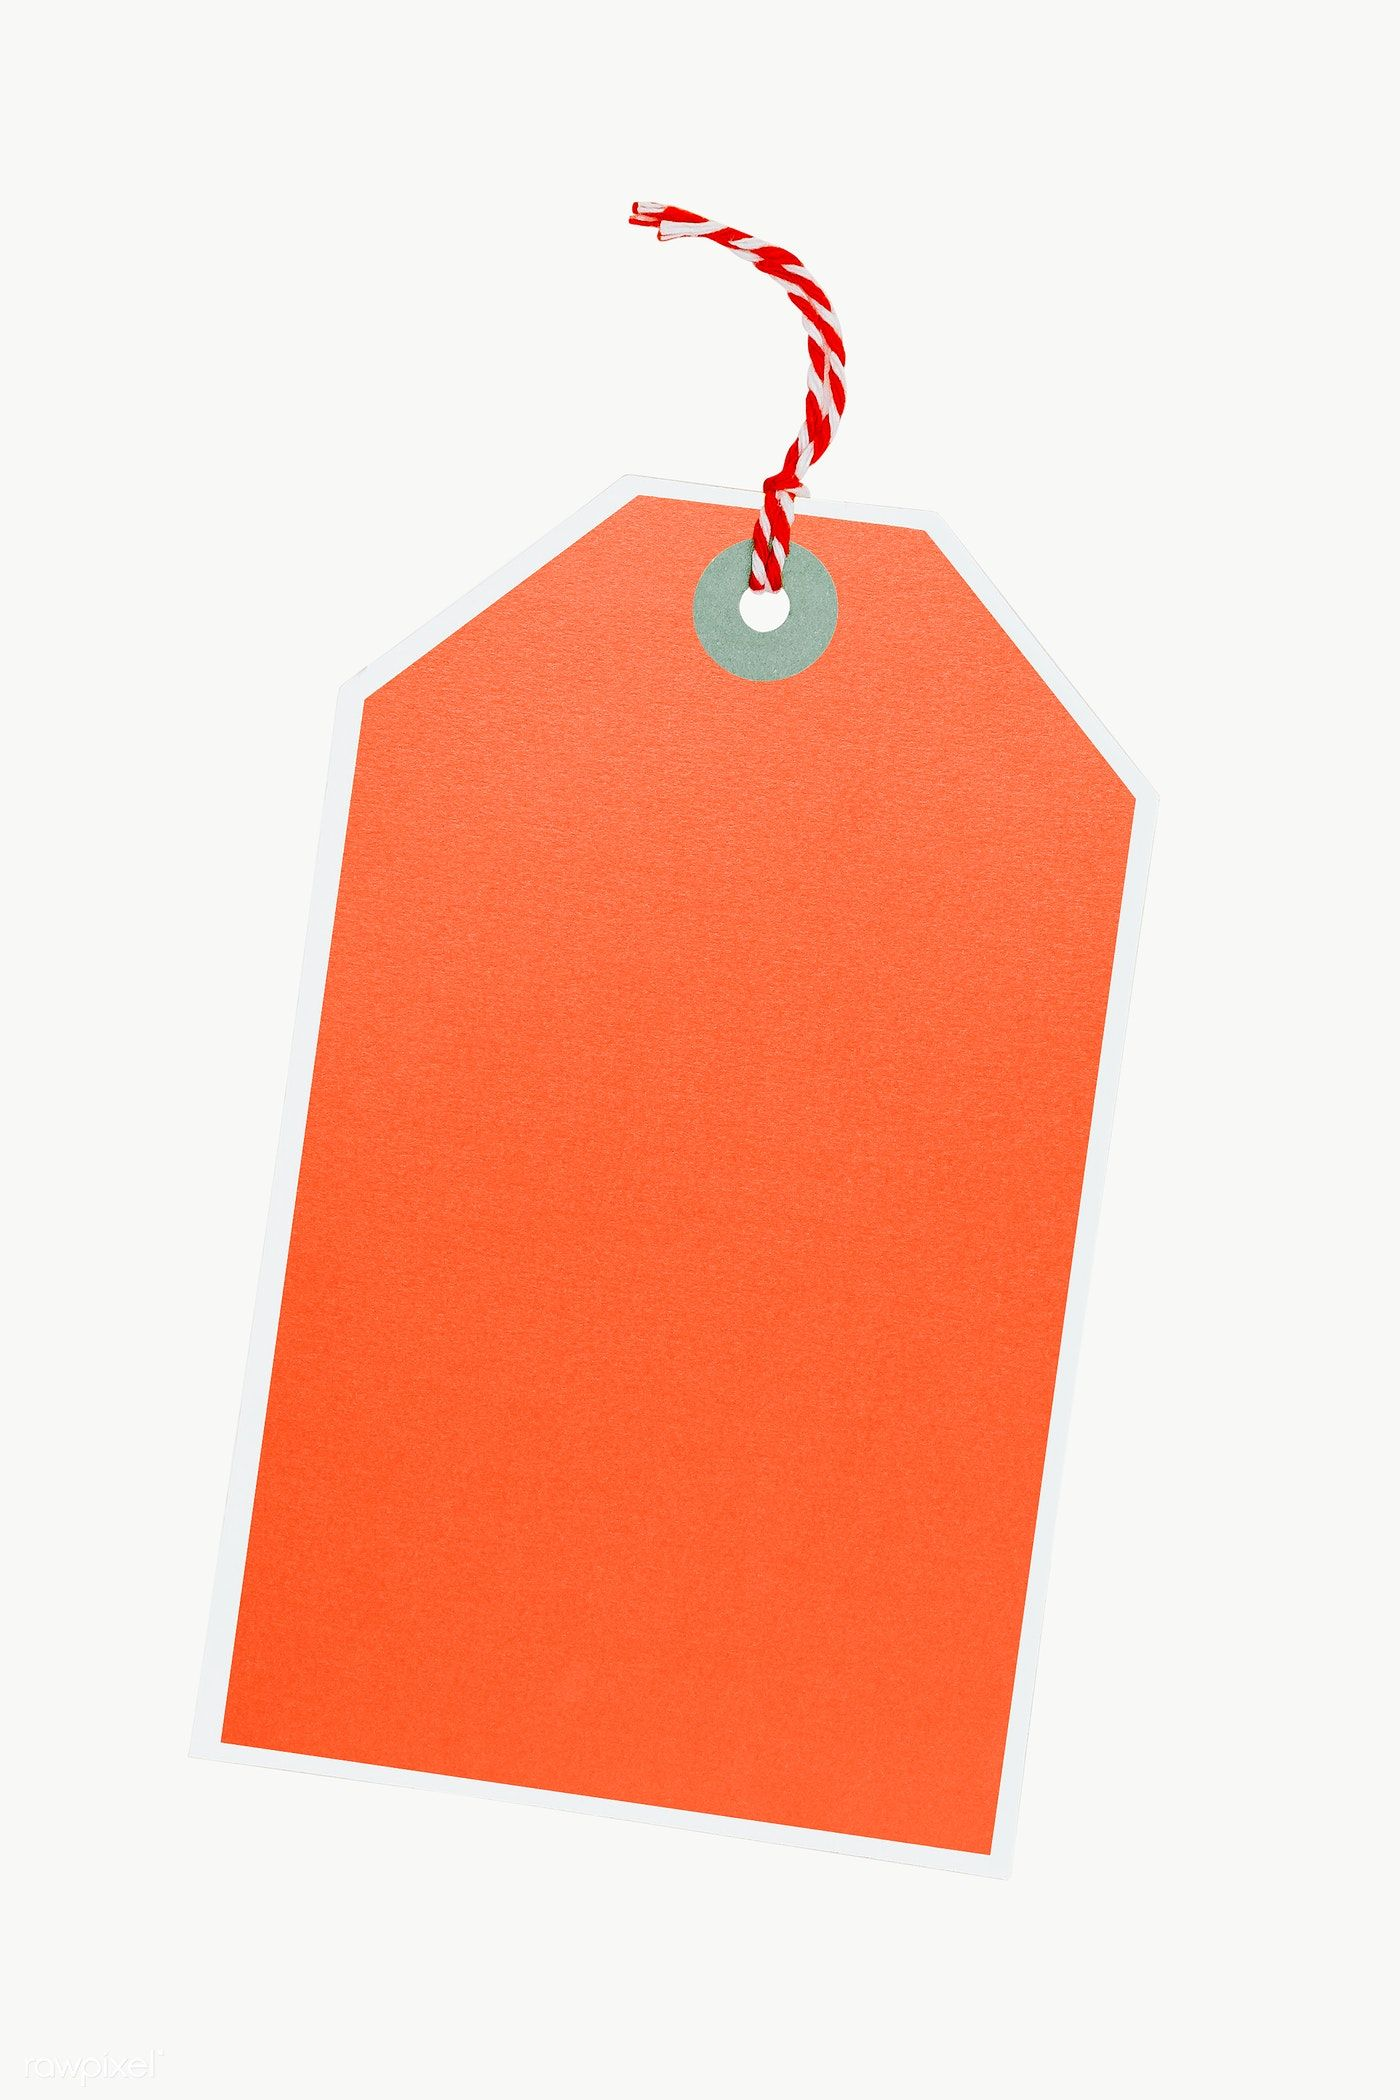 Handmade orange paper tag transparent png | premium image by rawpixel.com /  Karolina / Kaboompics | Design mockup free, Price tag design, Tag template